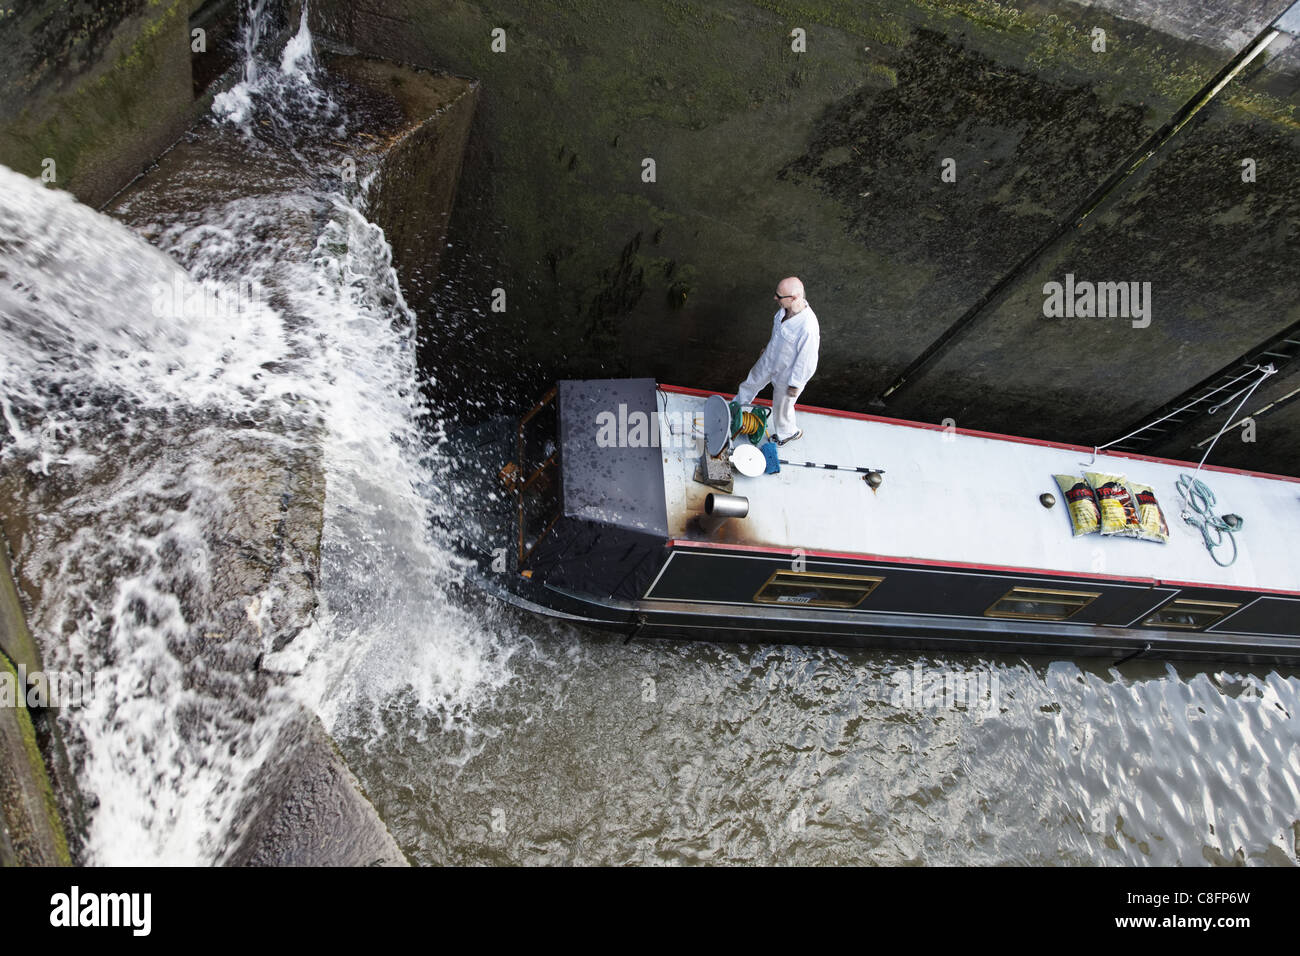 Vasca Da Bagno Stretta : Kennet & avon canal boat stretta nella vasca da bagno profonda